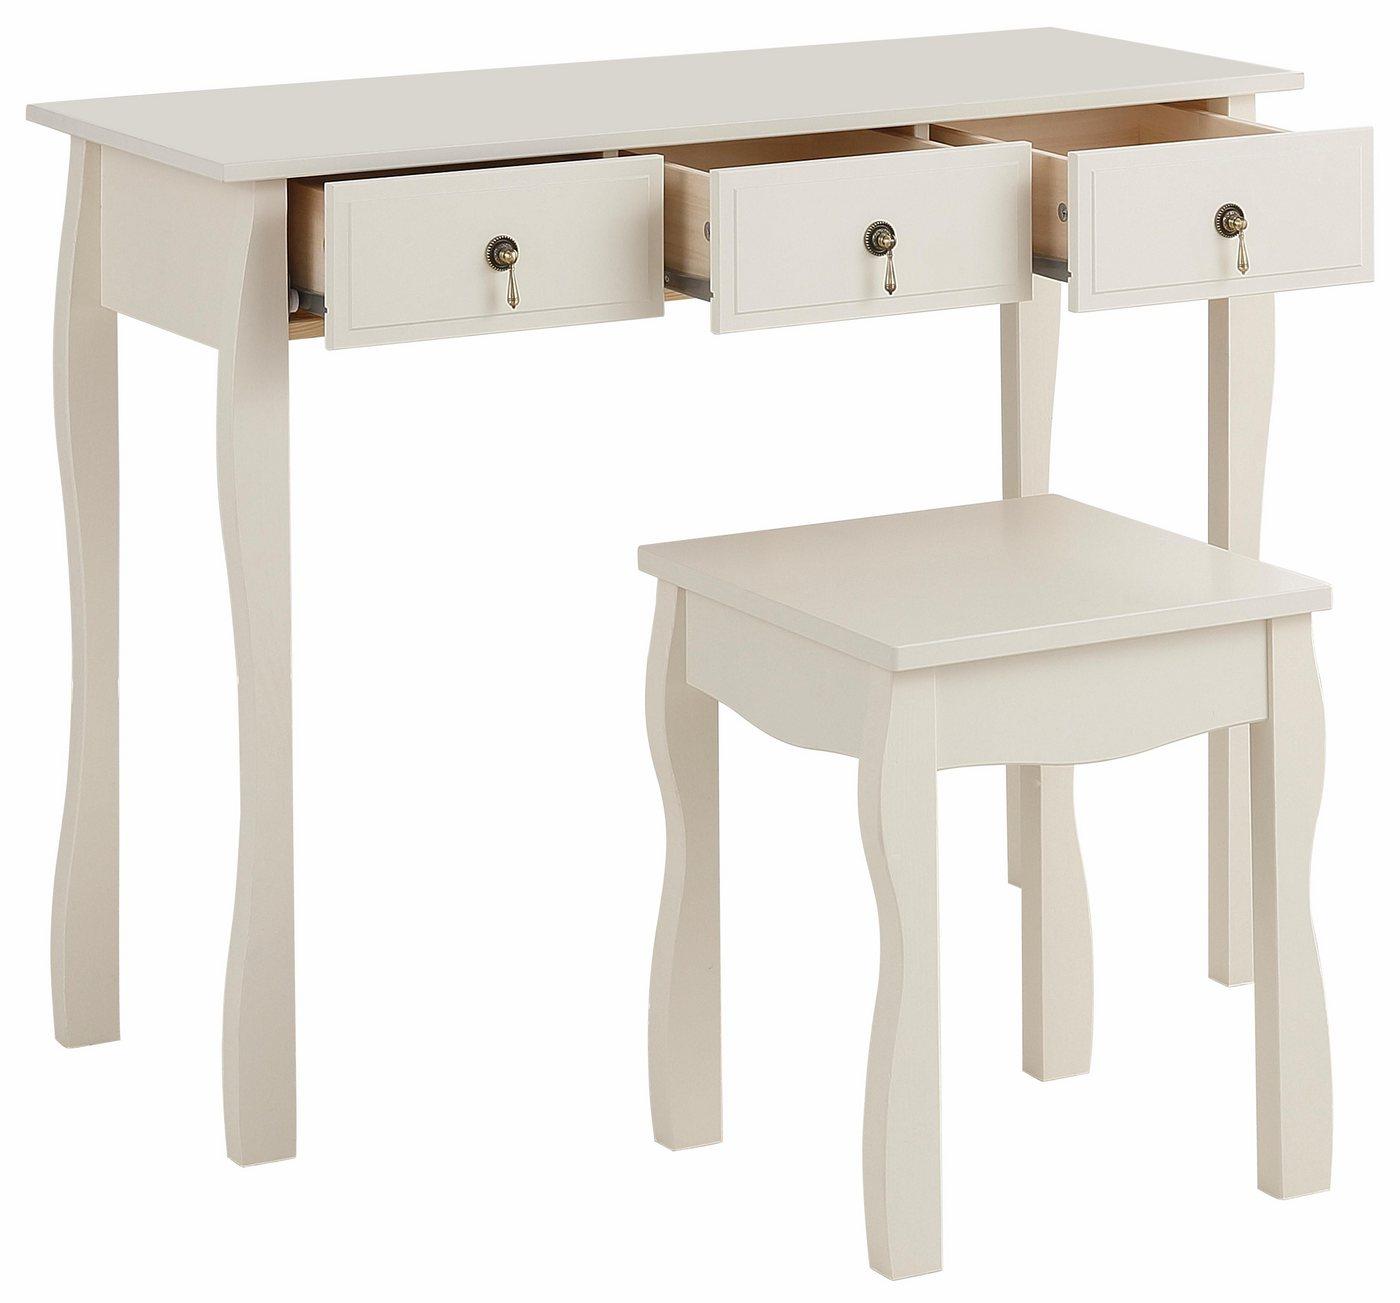 23 sparen schminktisch abingdon nur 209 00 cherry m bel otto. Black Bedroom Furniture Sets. Home Design Ideas